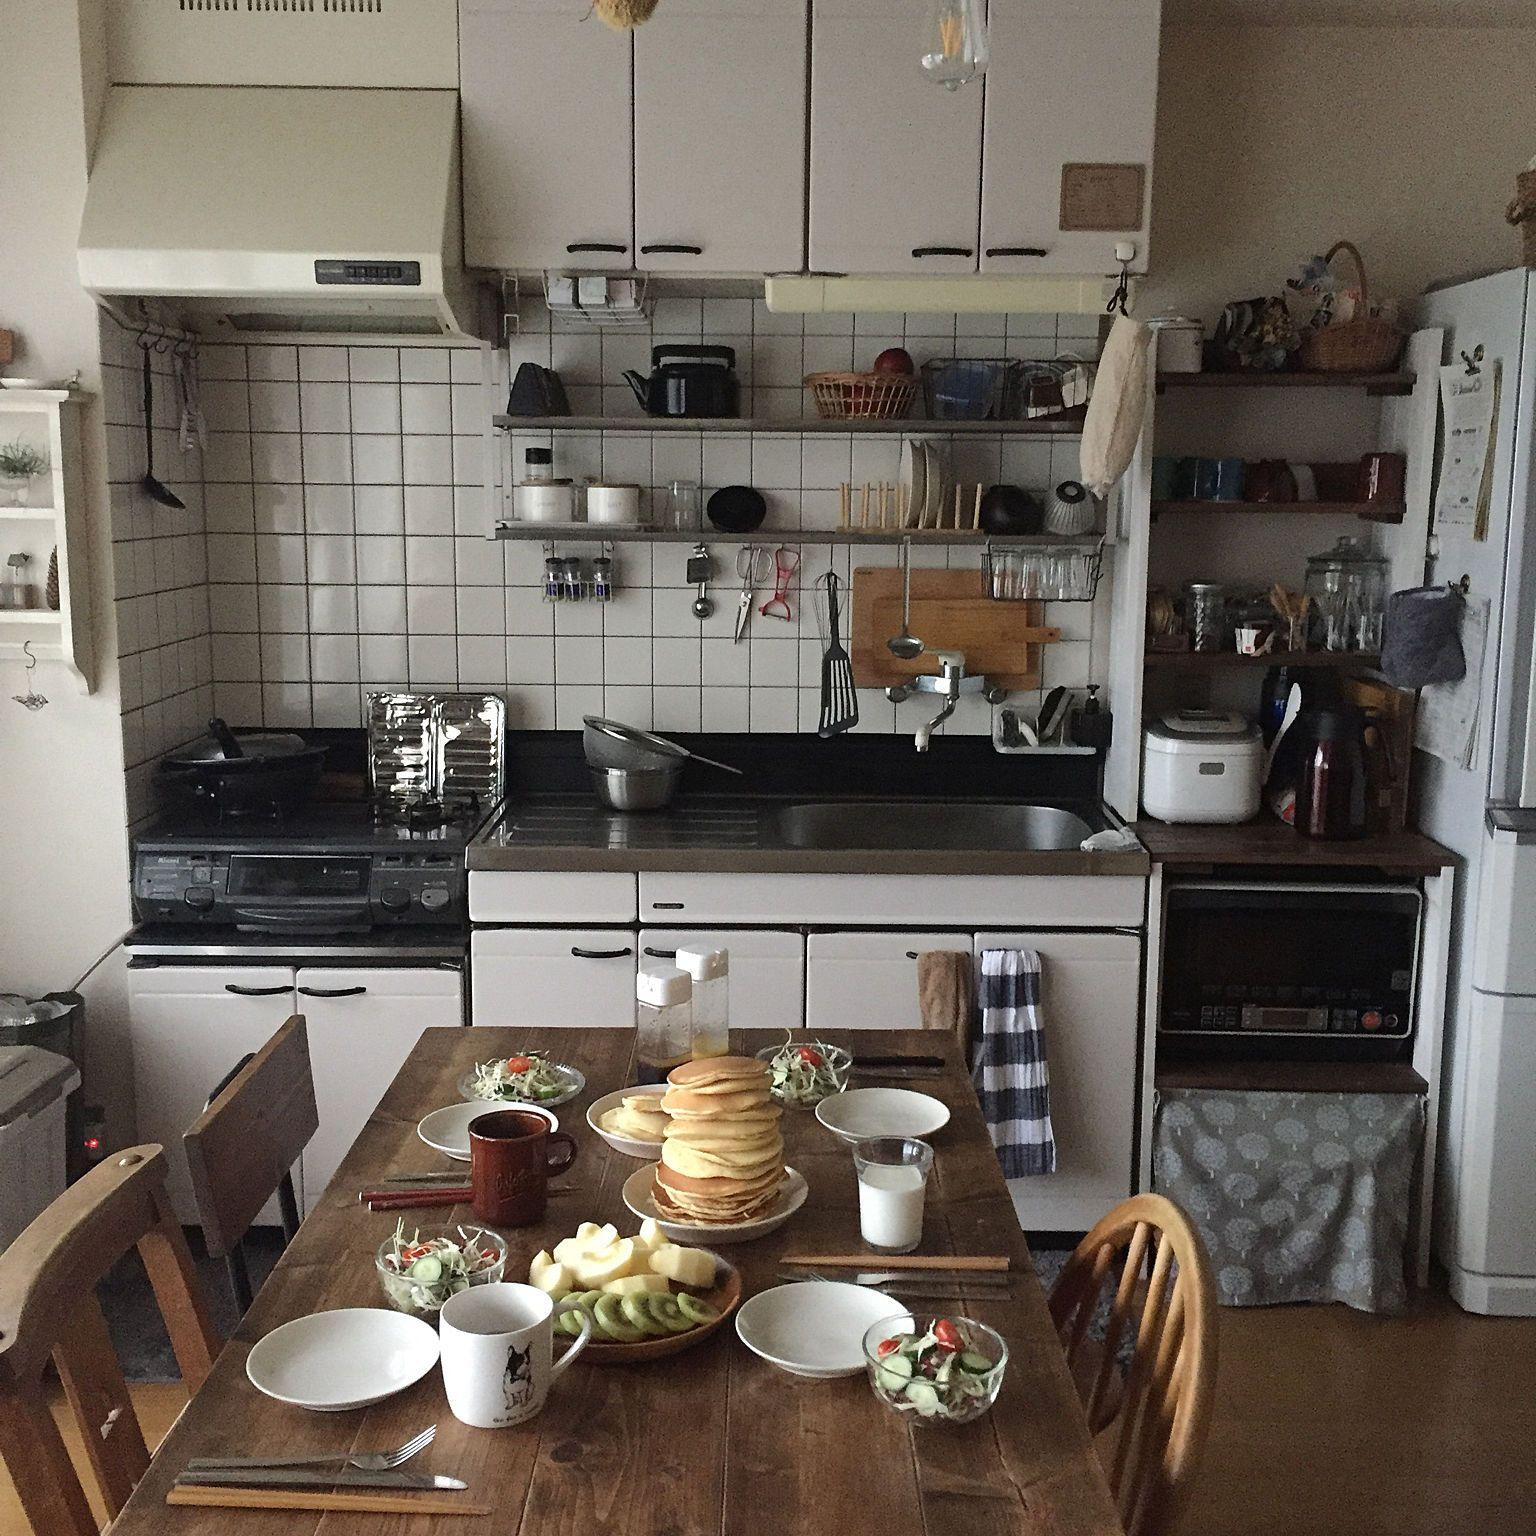 キッチン ホットケーキ 朝ごはん 賃貸暮らし アパート暮らし などのインテリア実例 2017 11 23 09 02 04 Roomclip ルームクリップ Kitchen Interior Apartment Interior Design Interior